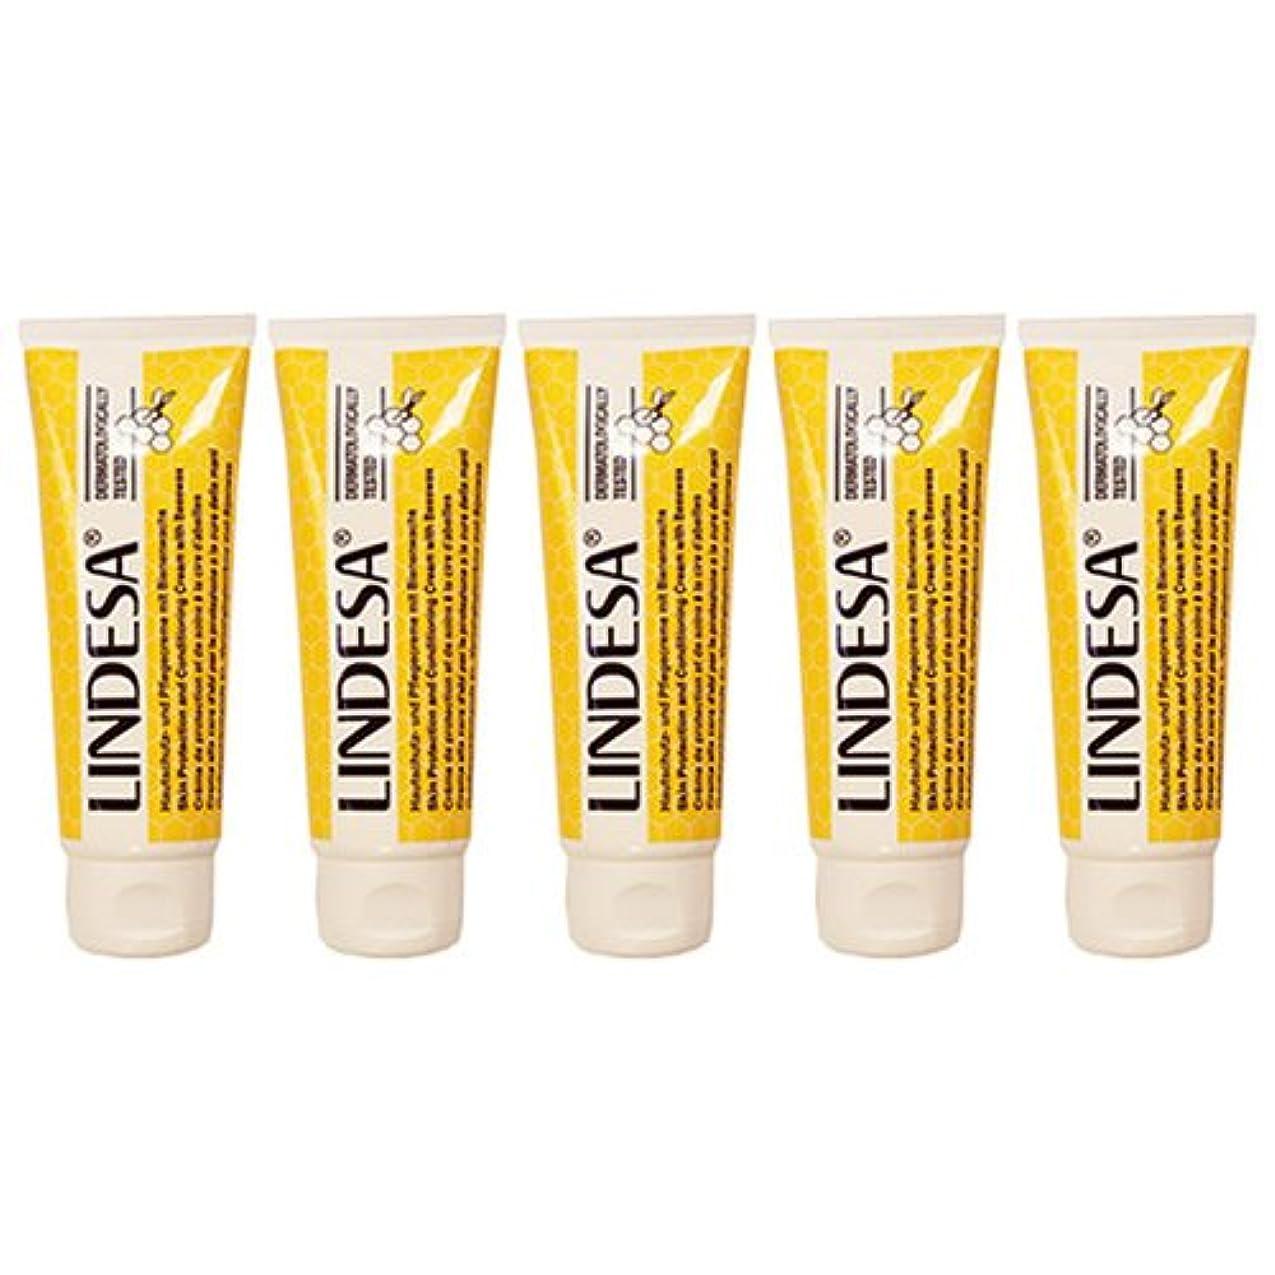 あからさまニュース急いでLINDESA リンデザ ハンド&スキンケアクリーム 75ml 日本国内正規品 5本セット